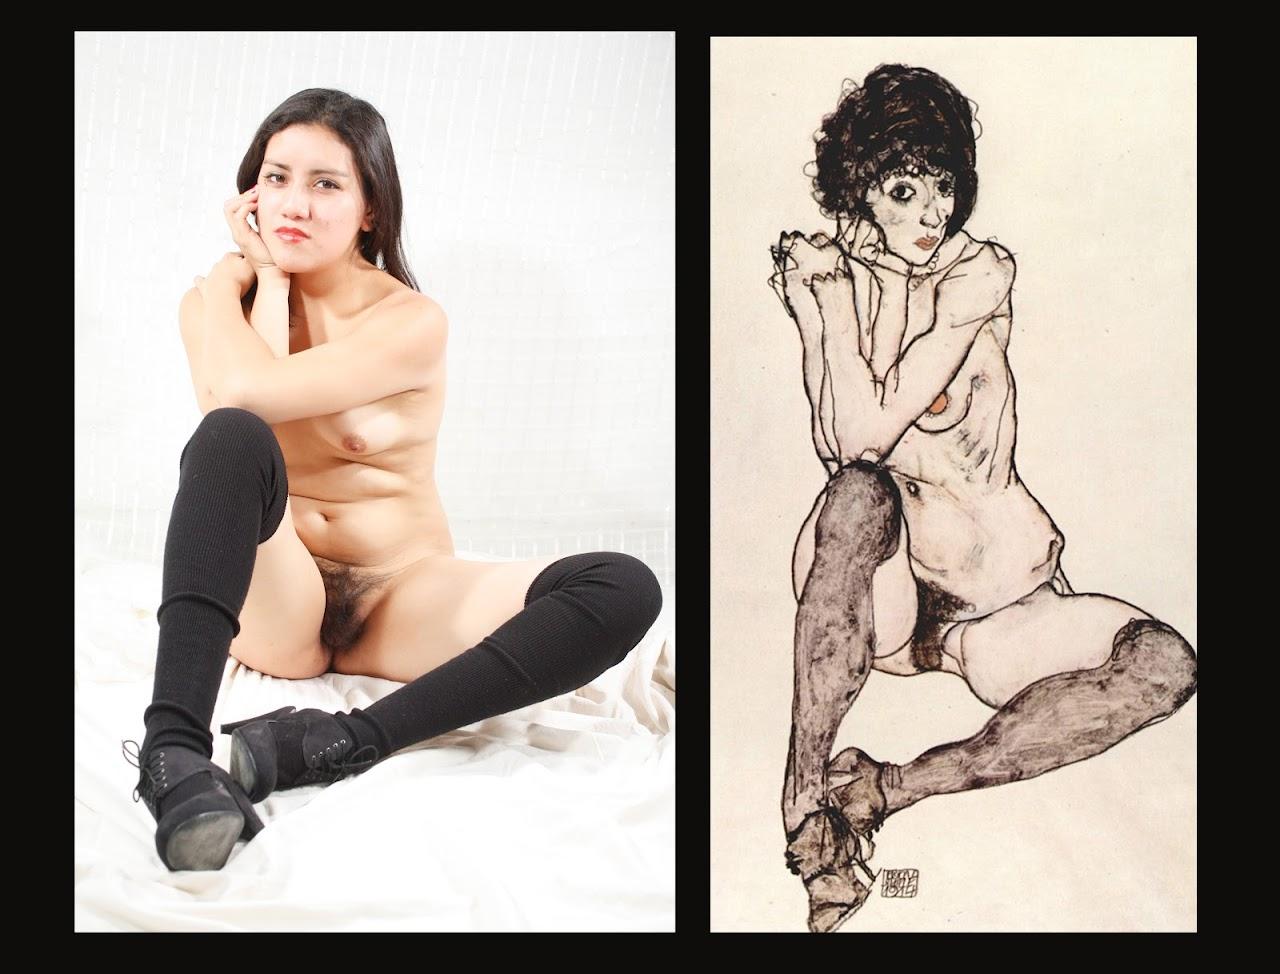 http://4.bp.blogspot.com/-mF9Cx91Zz7E/T9V62XbcbzI/AAAAAAAAAQs/da-HzQrzbIA/s1600/Schiele+3.jpg